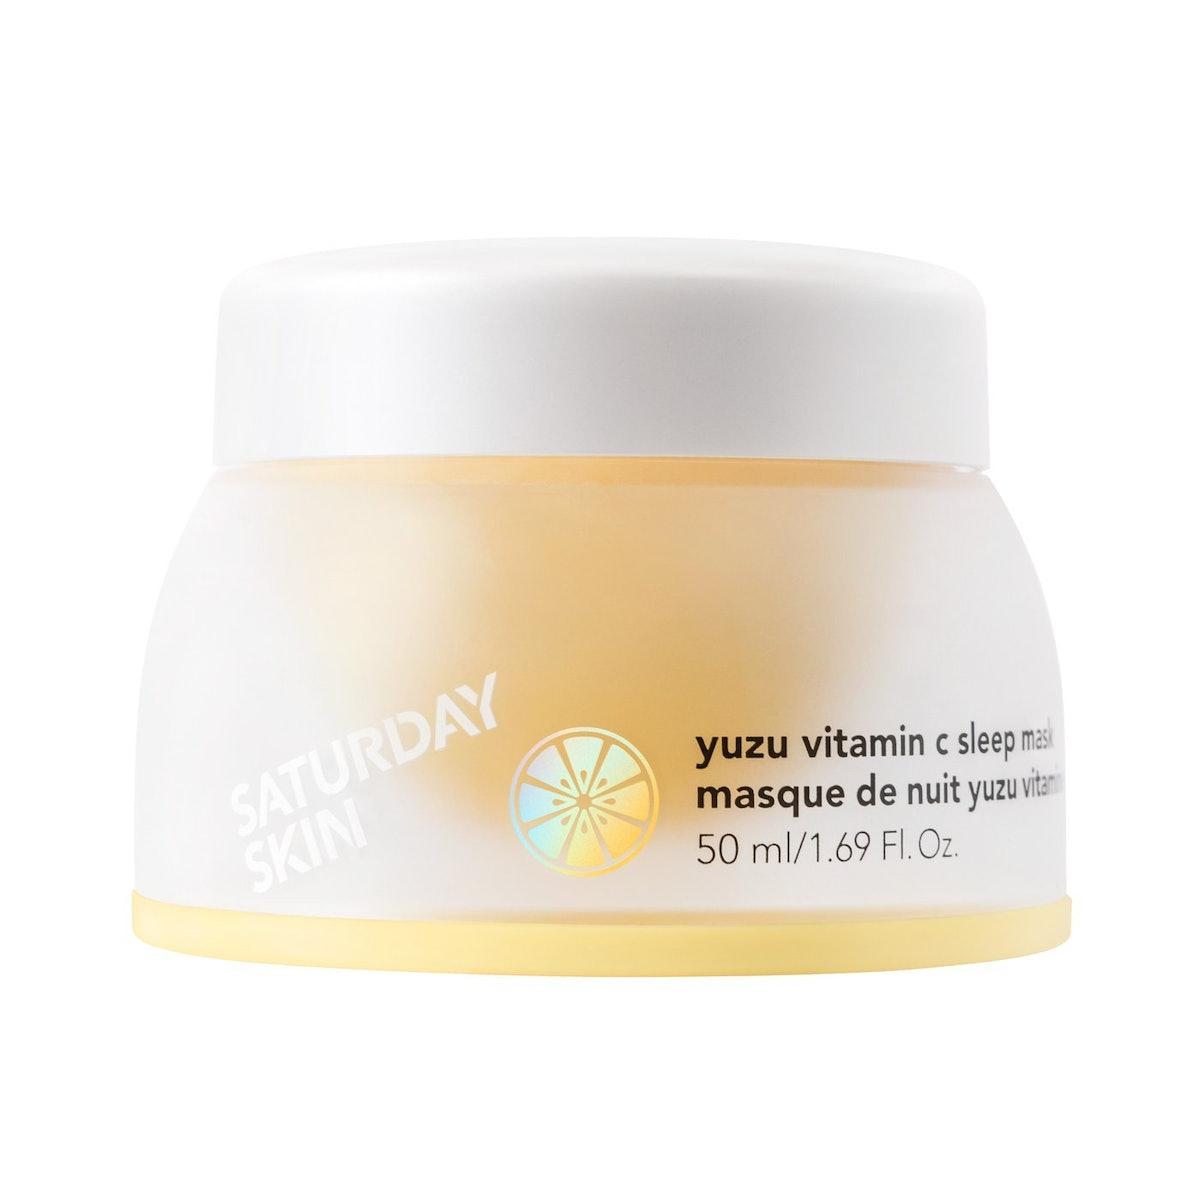 Yuzu Vitamin C Sleep Mask